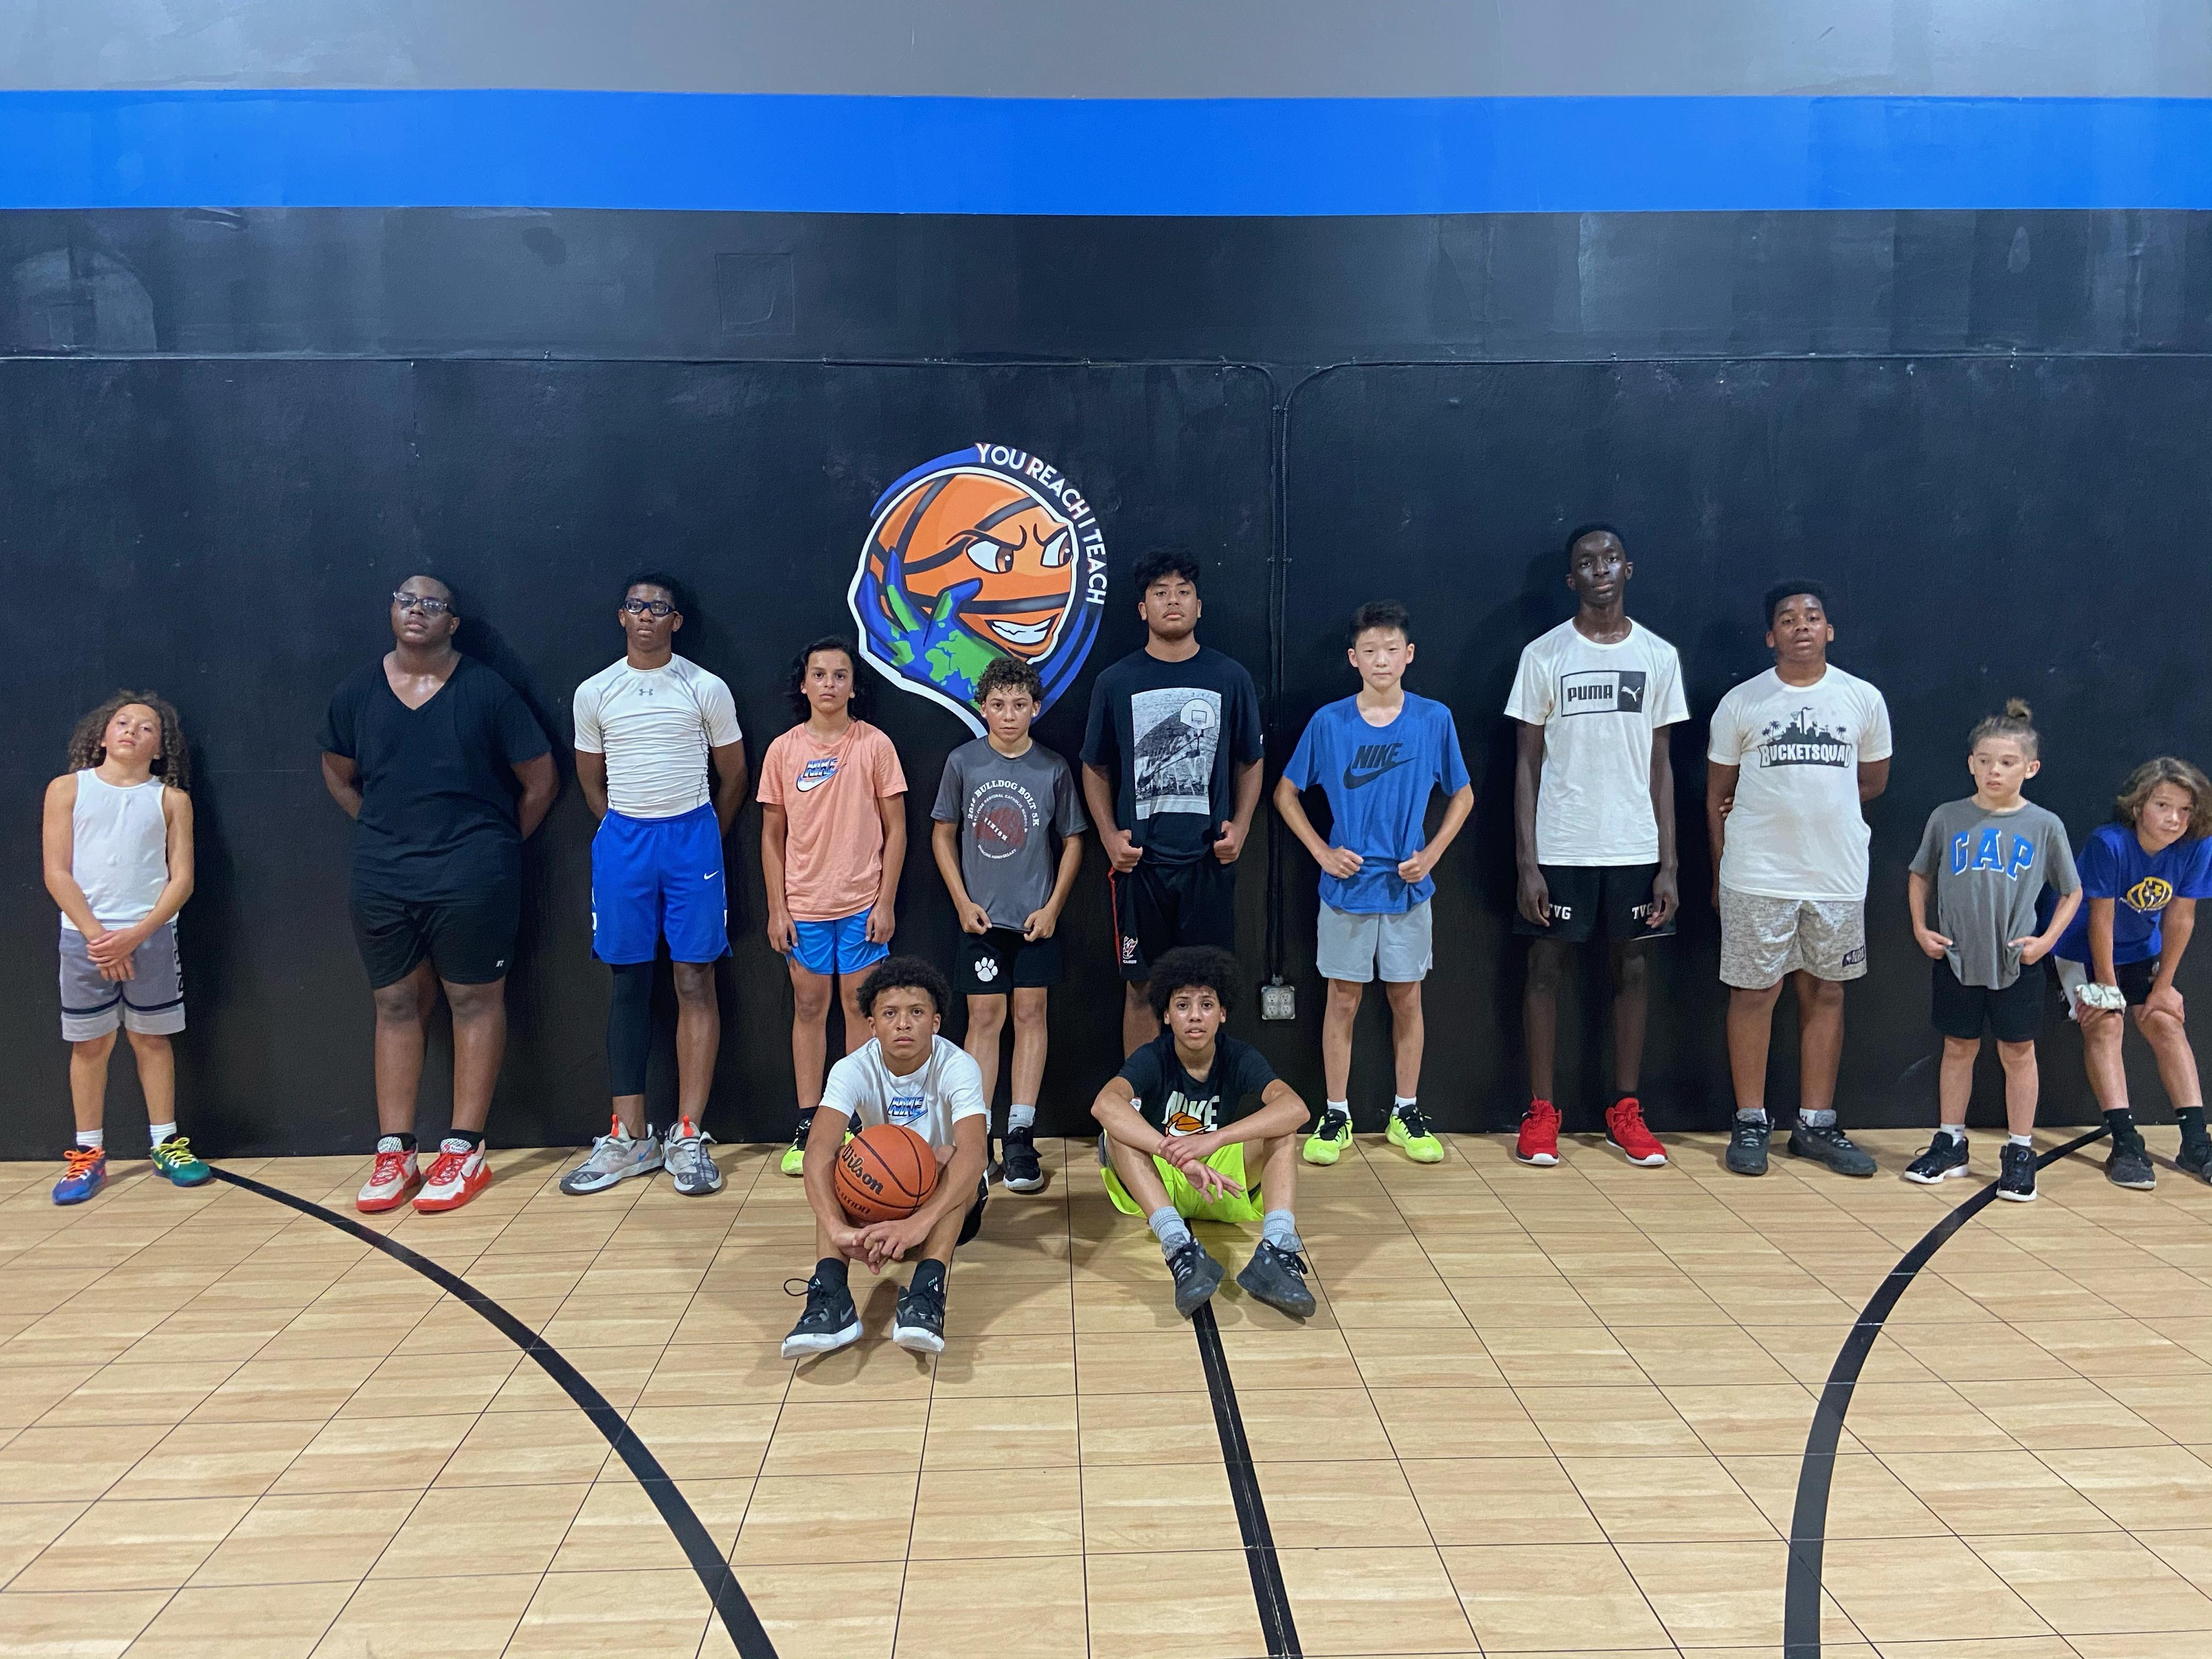 You Reach I Teach Basketball AcademySummer Camp